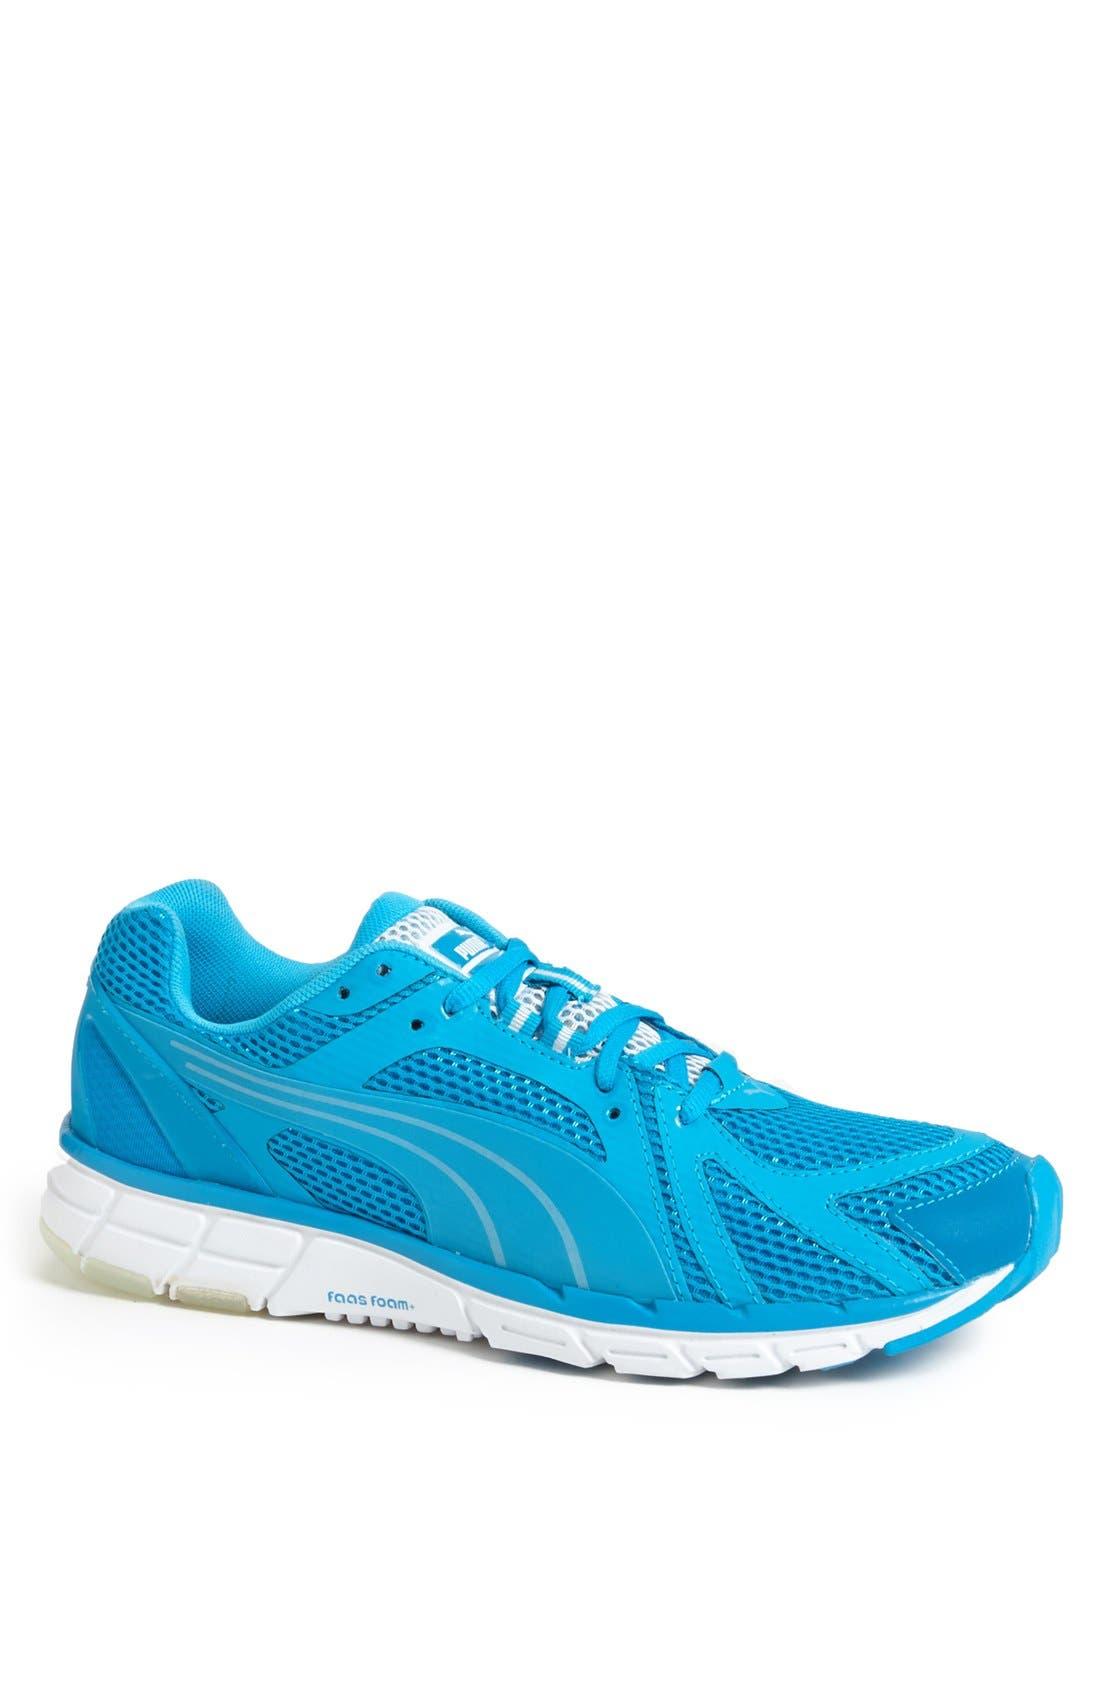 Main Image - PUMA 'Faas 600 S Glow' Running Shoe (Men)